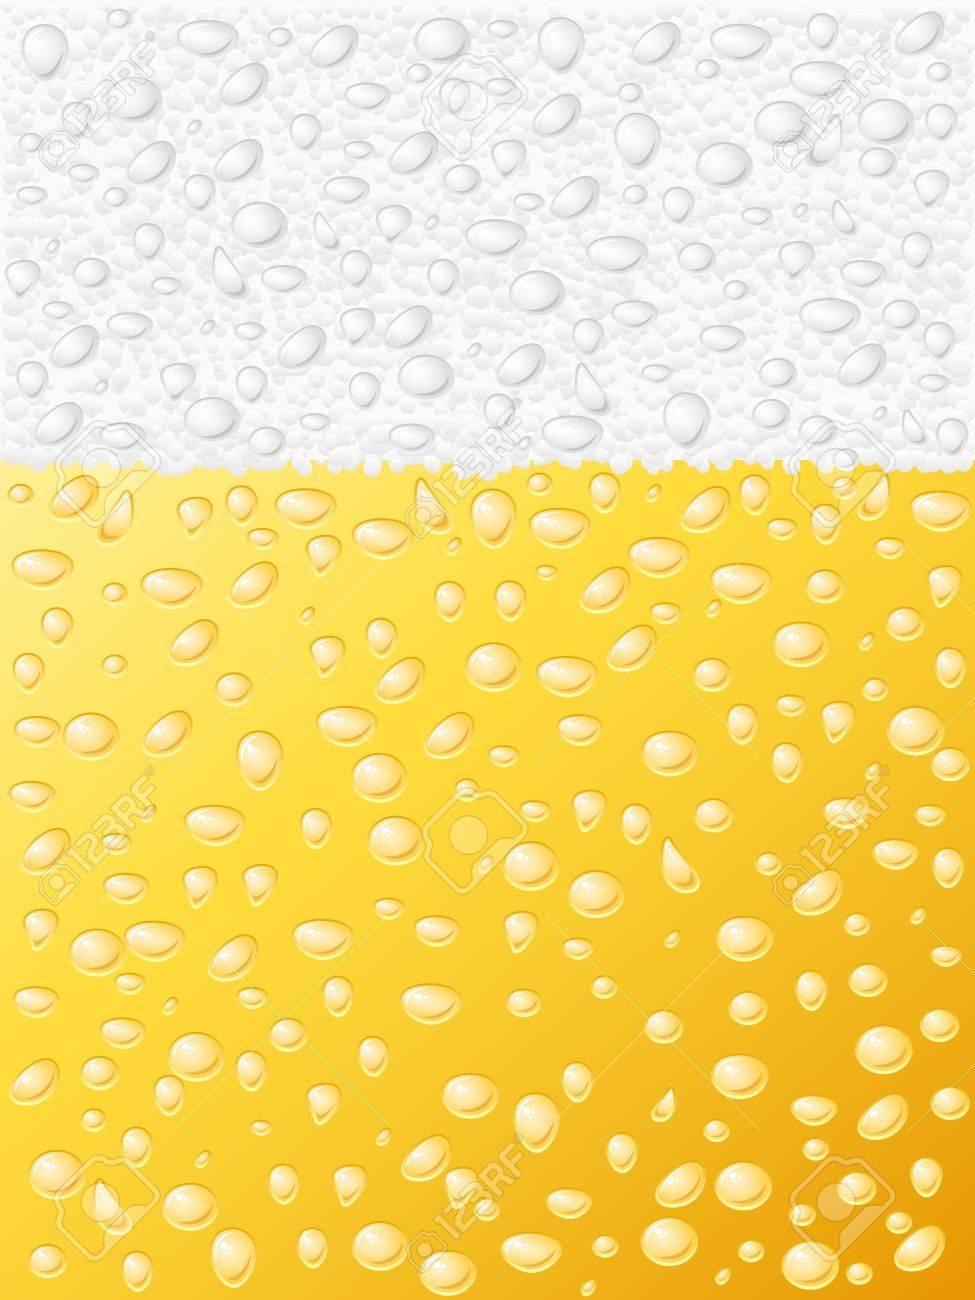 Dewy beer texture background.  illustration. Stock Vector - 9293063